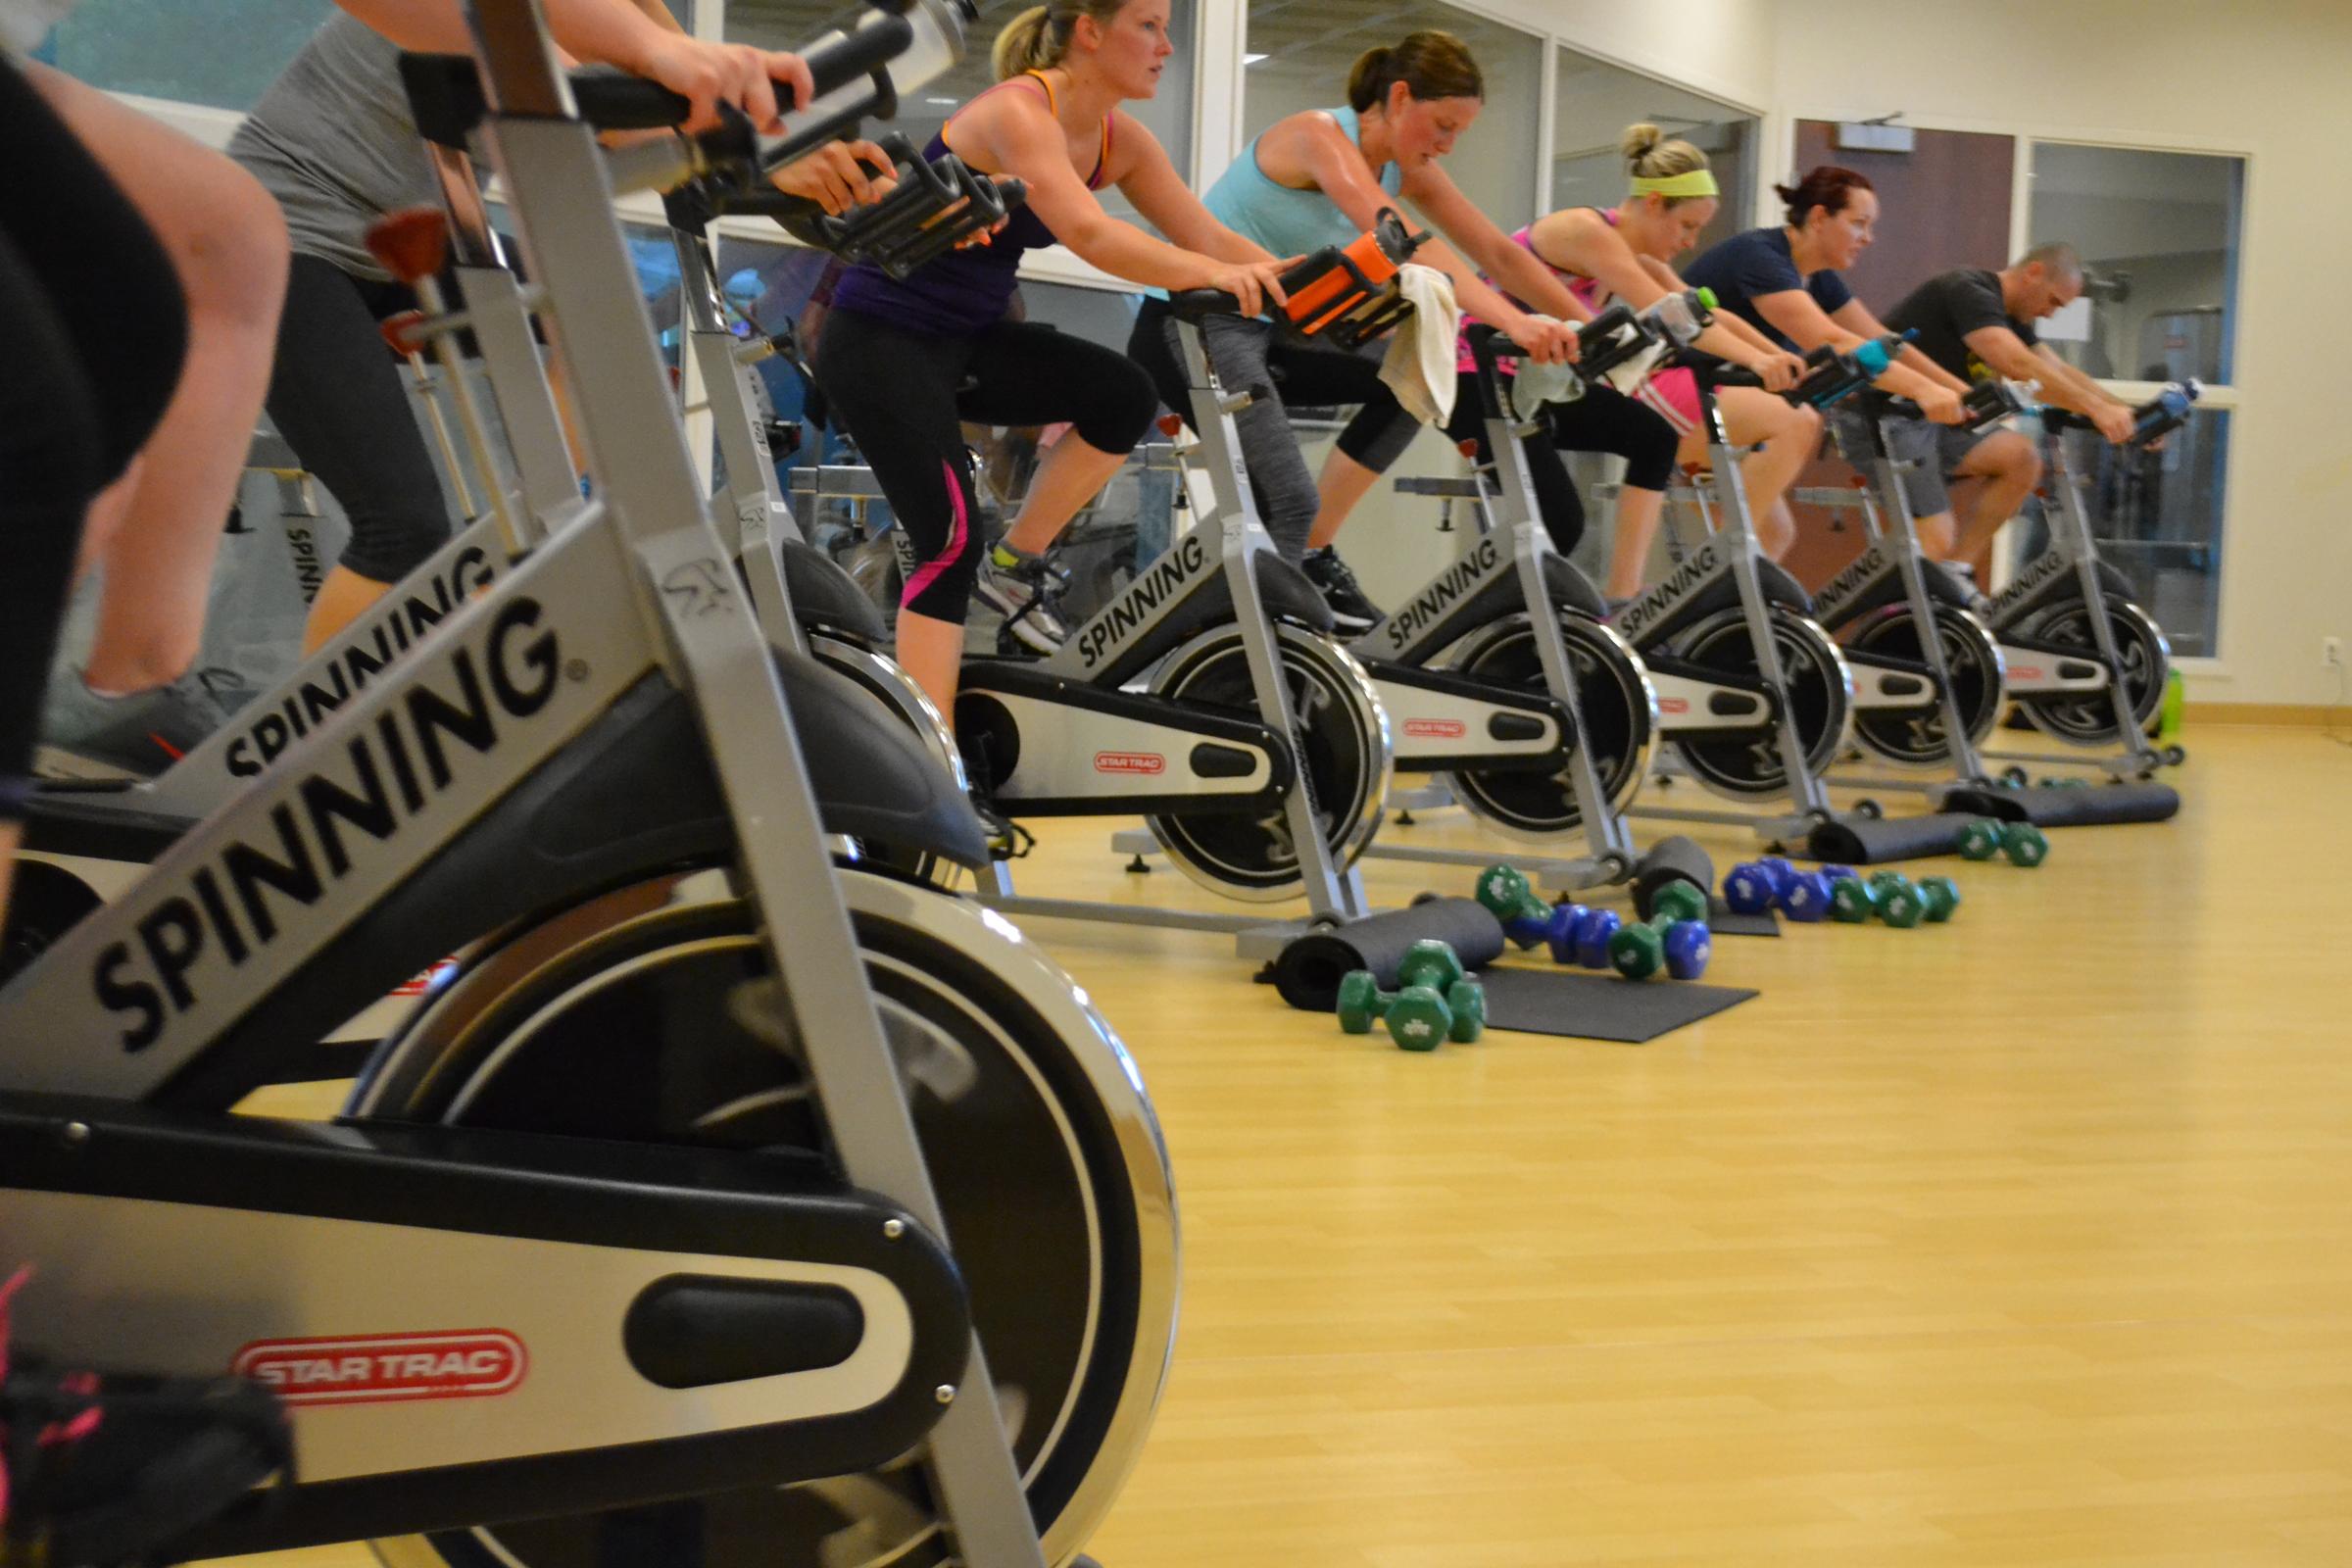 Kroc Center offers spin class